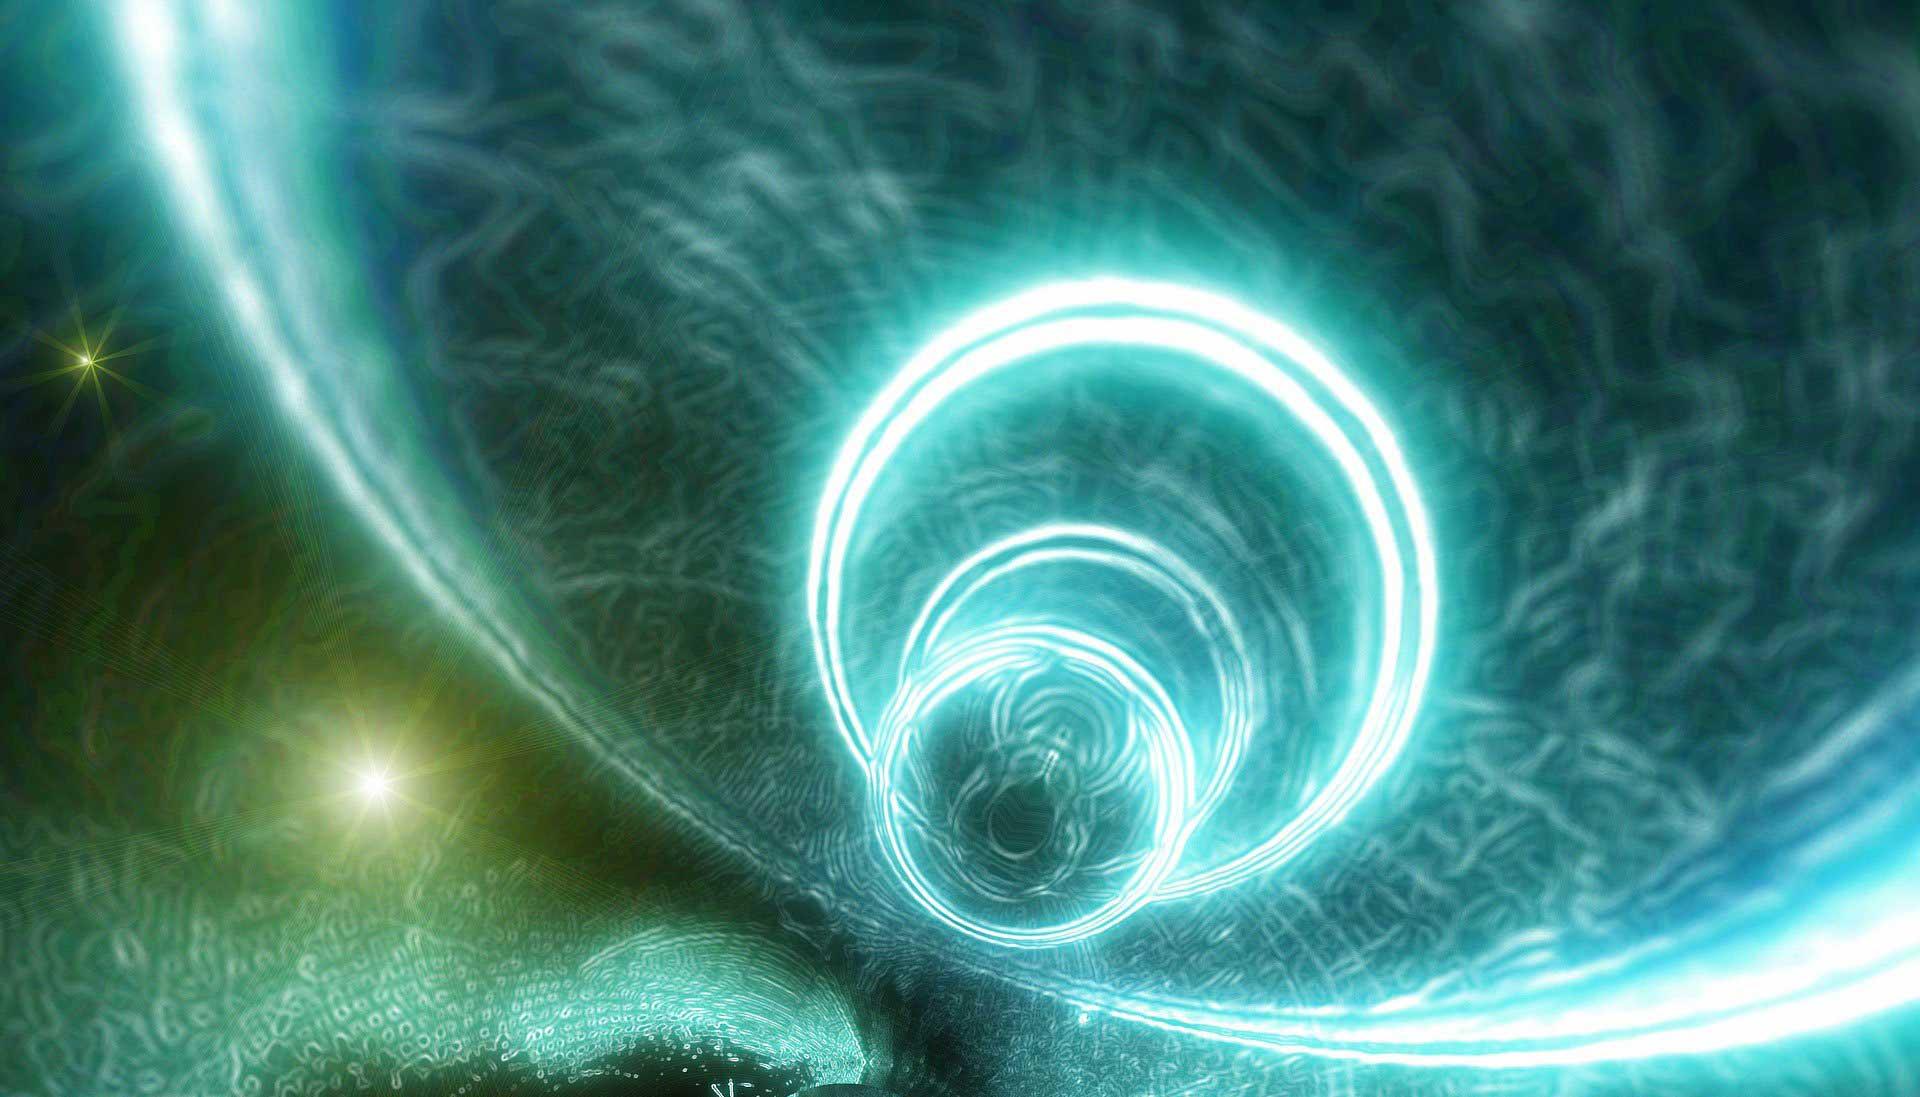 Znakovi Zodijaka u svijetu Superjunaka: Ovan - neograničena energija, Jarac - upravljač mislima